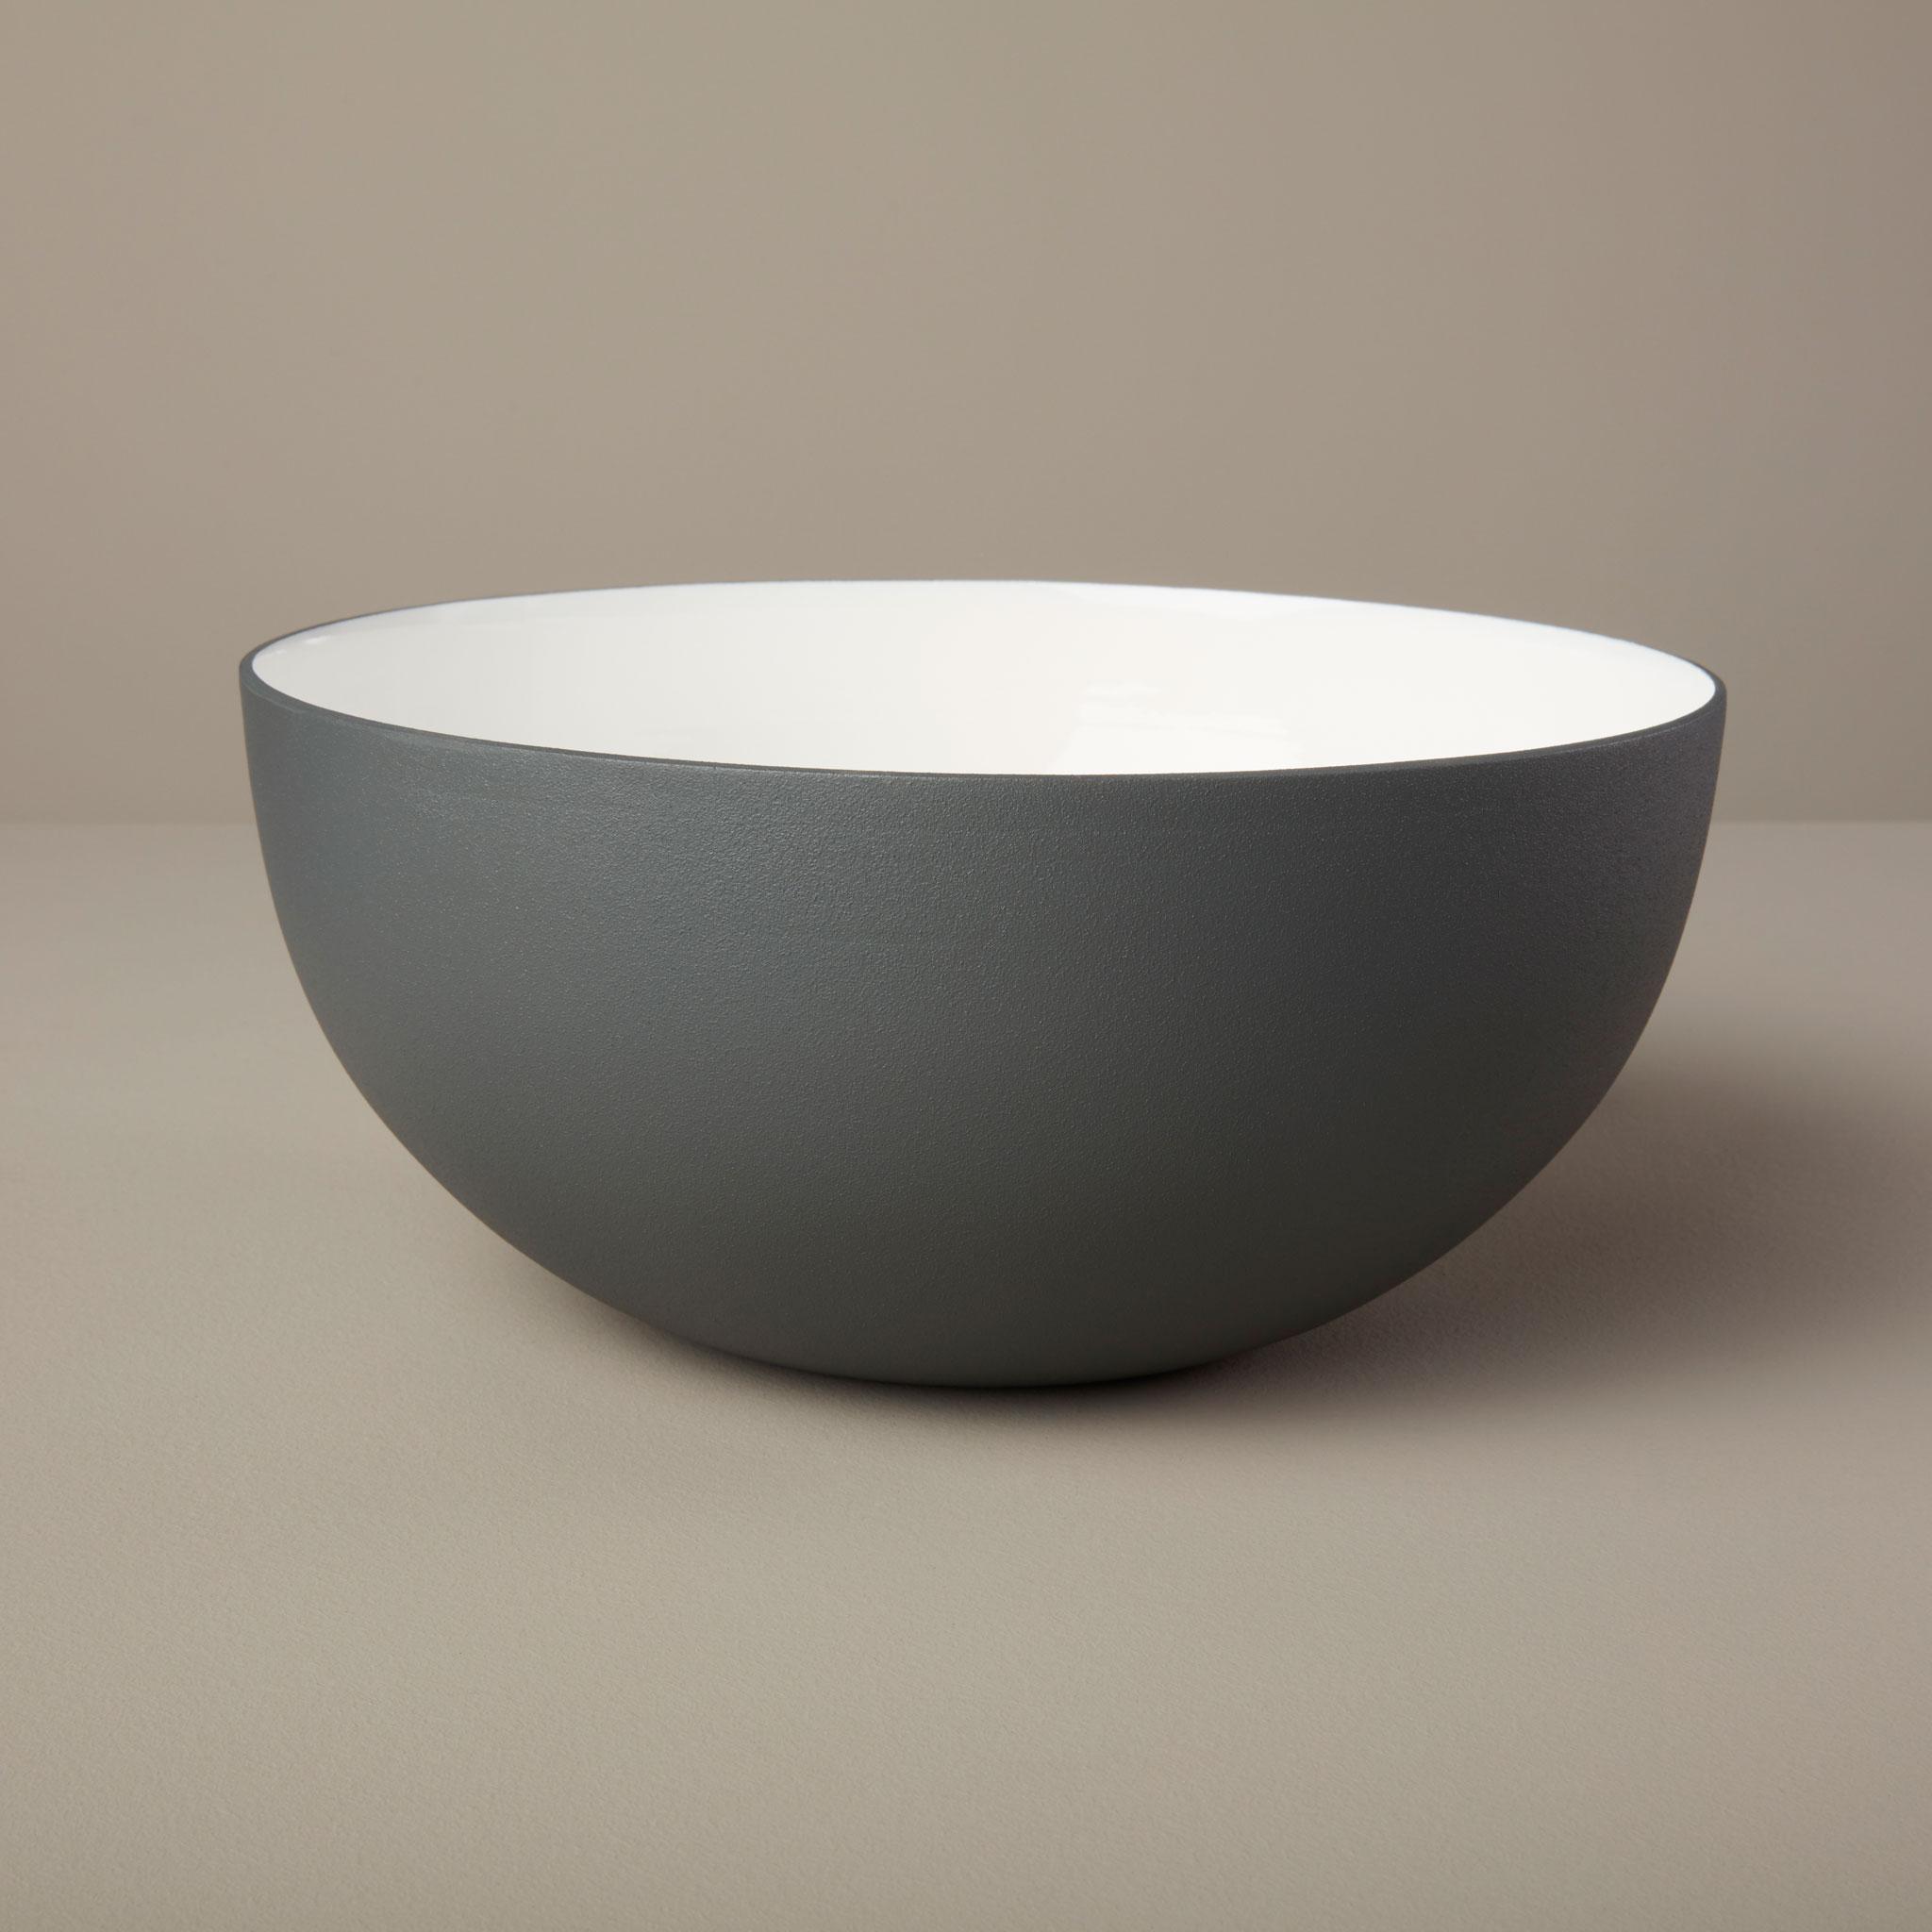 Be-Home_Aluminum-Enamel-Bowl-Medium_17-031